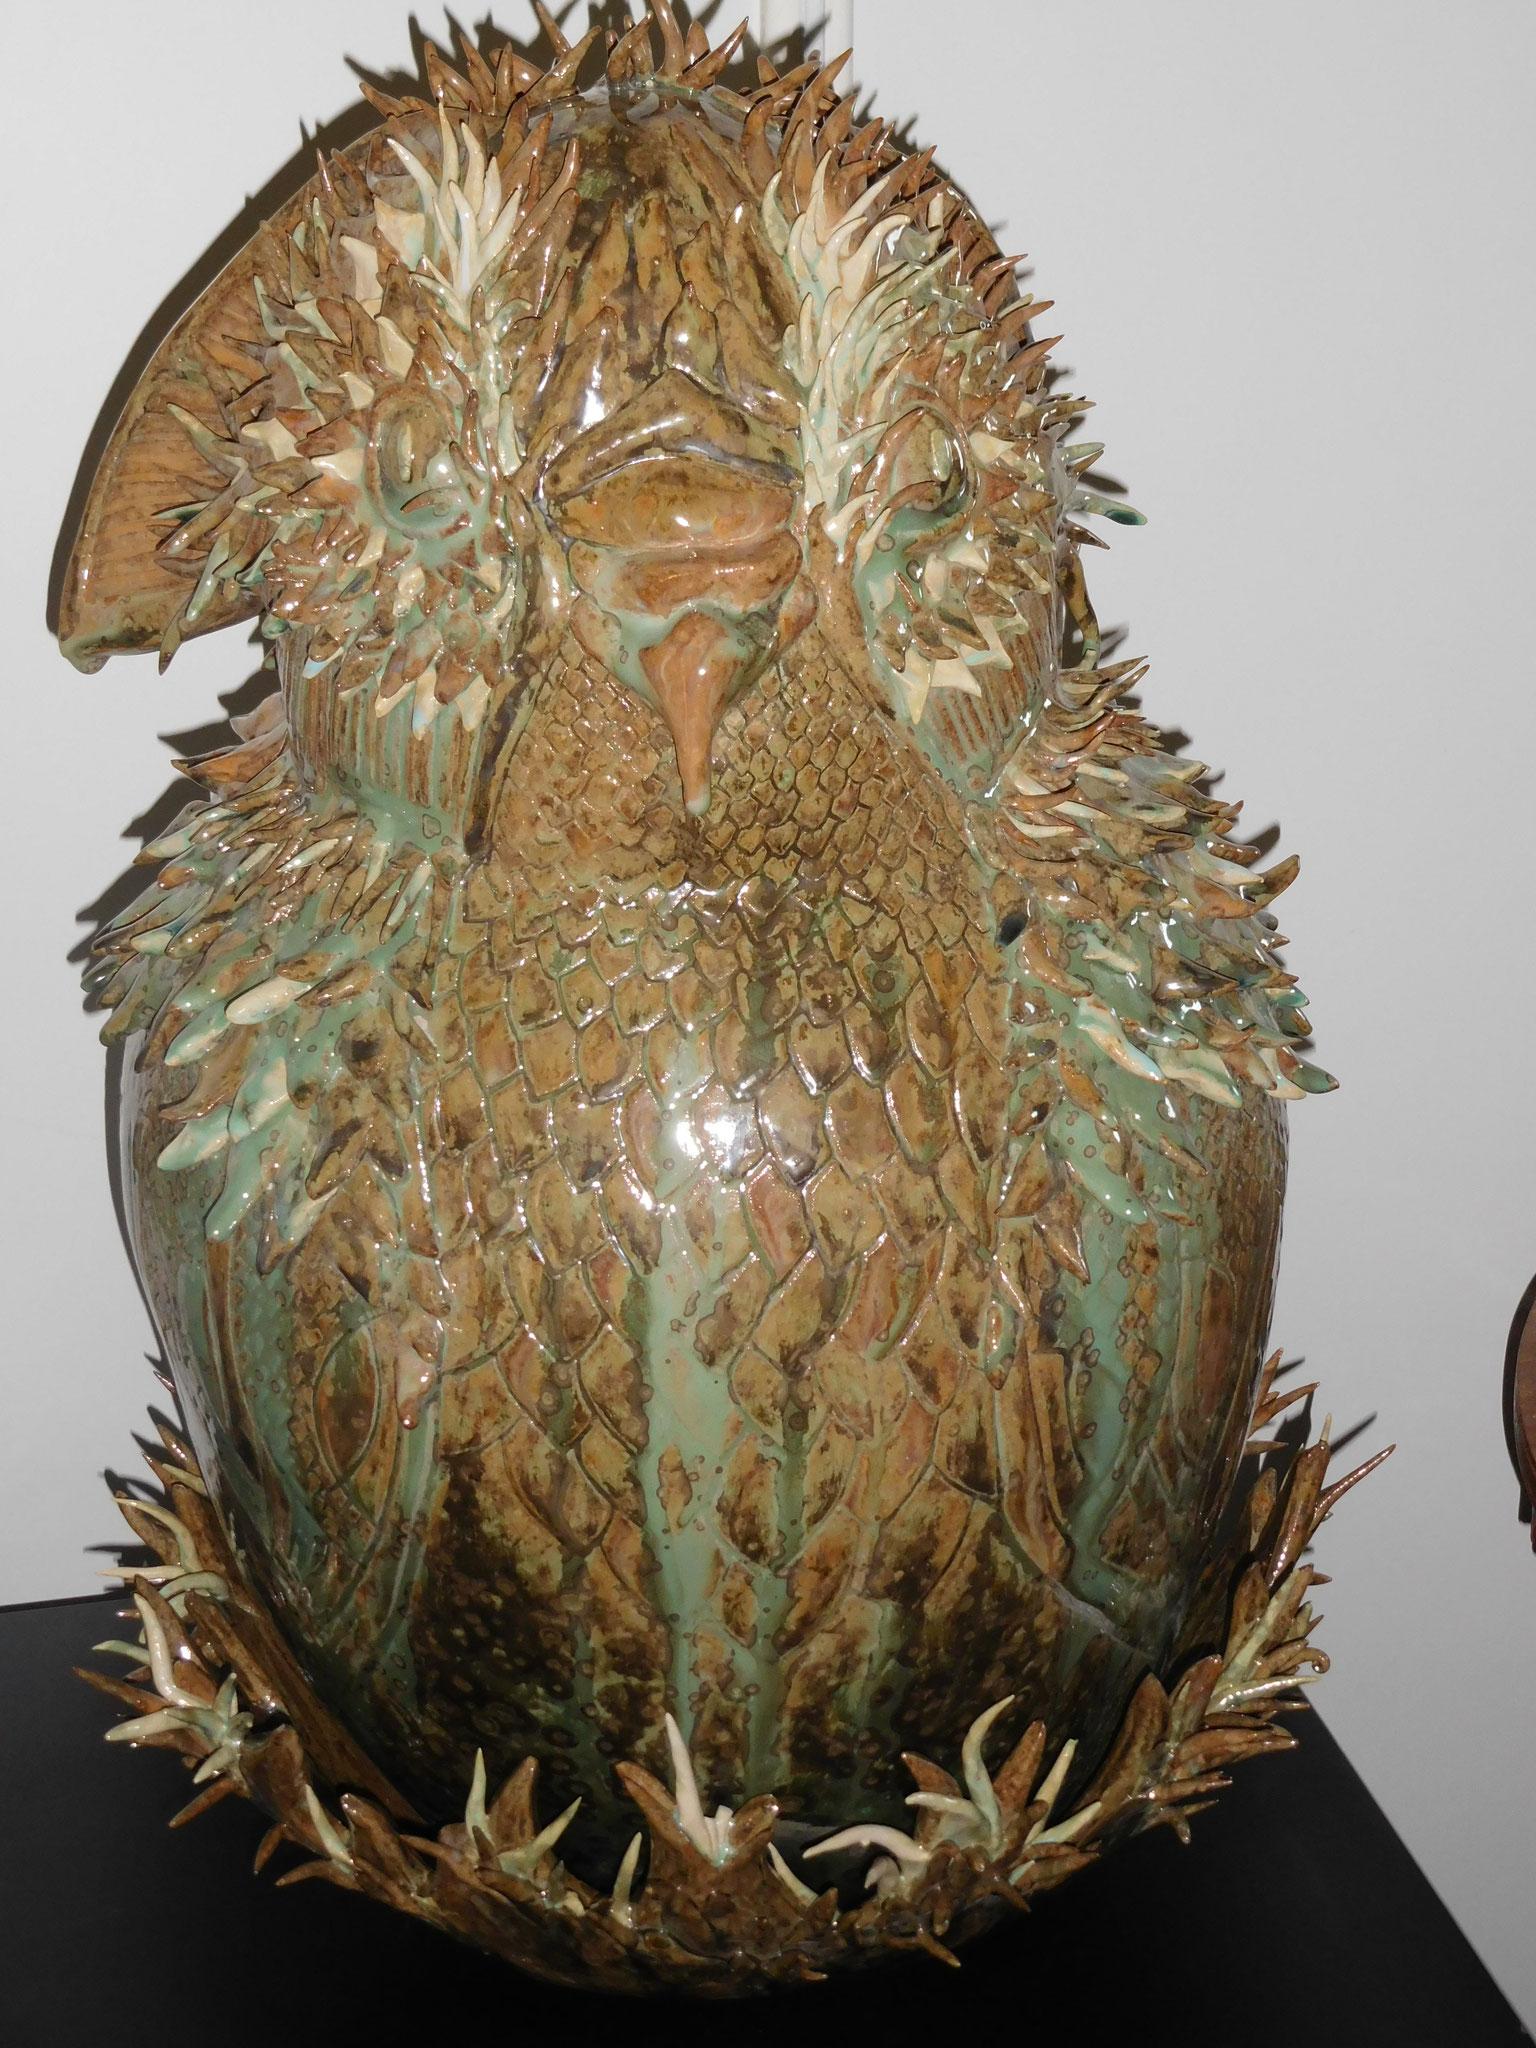 Bubo dans son nid - diamètre 35cm - hauteur 58cm - 500 euros